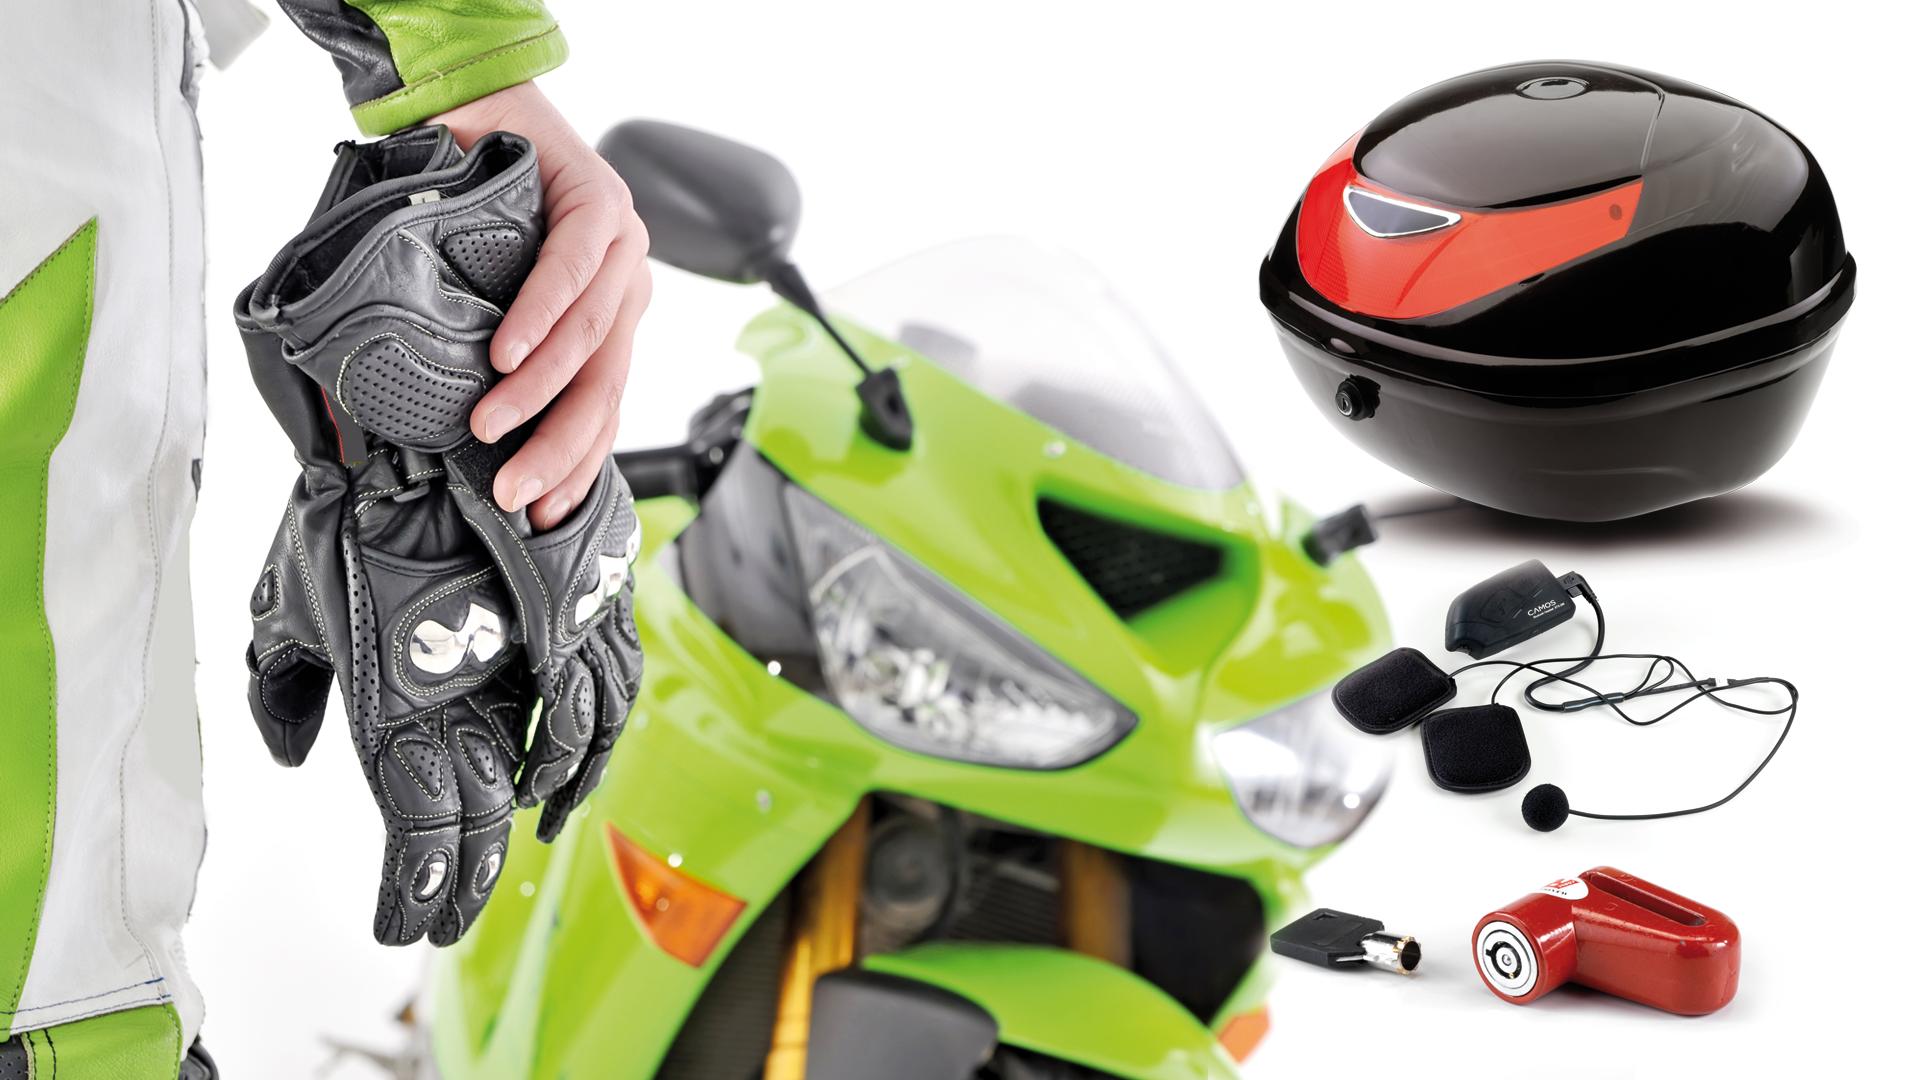 Motorcycles moto